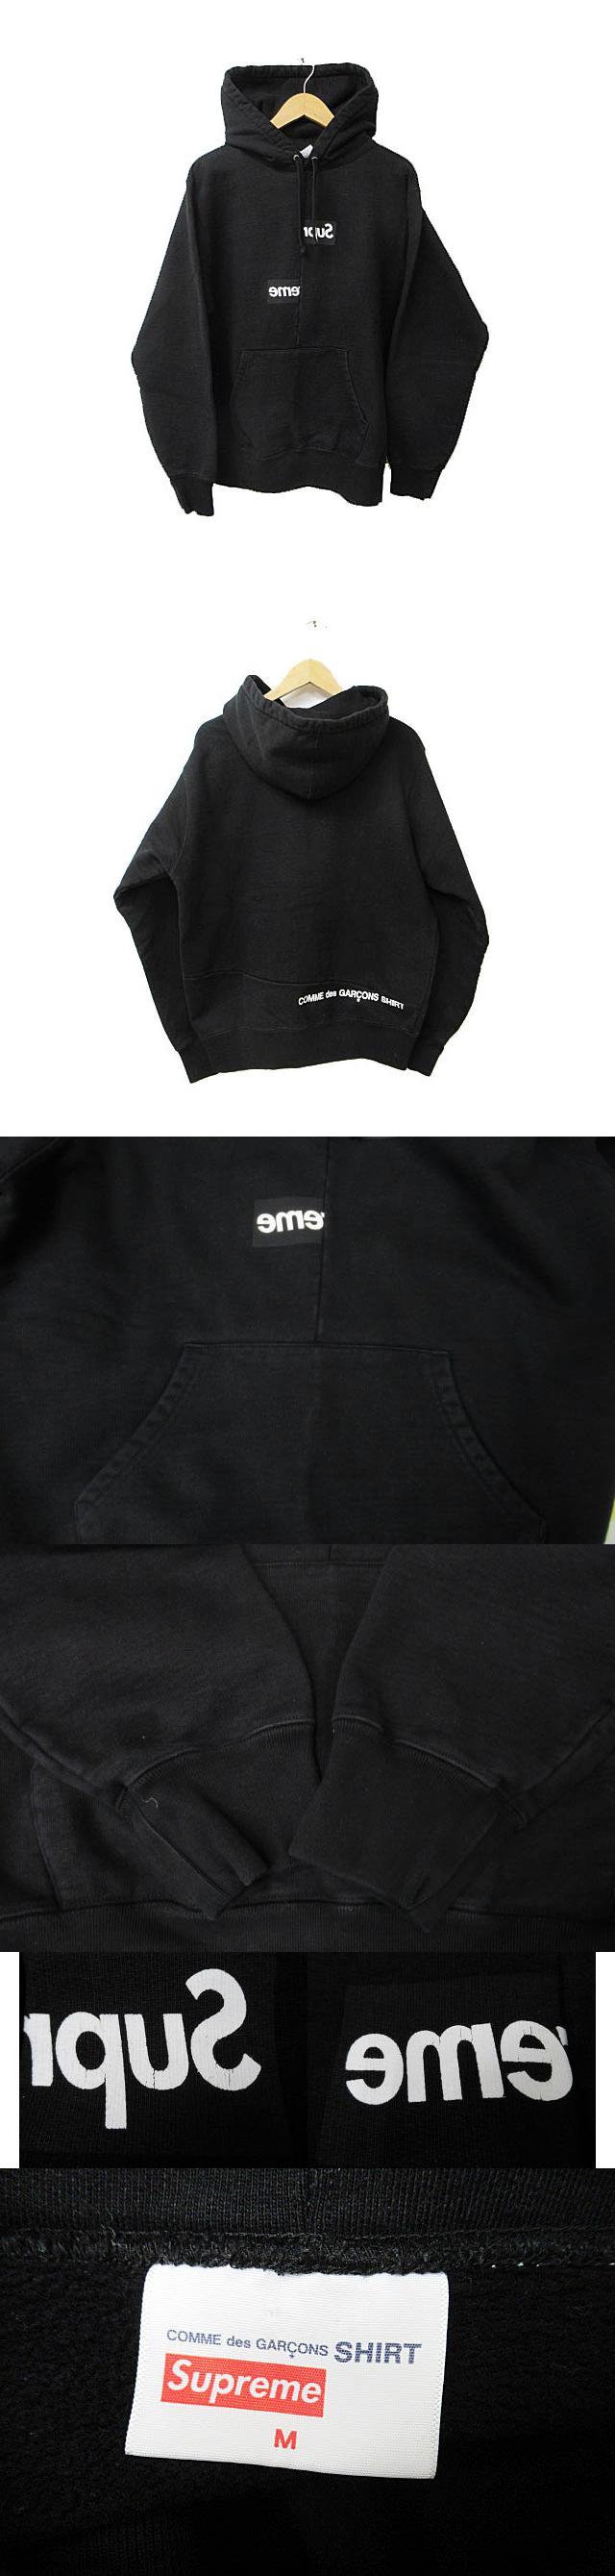 × コムデギャルソン シャツ Comme des Garcons SHIRT 18AW Split Box Logo Hooded Sweatshirt スプリット ボックス ロゴ フーデッド スウェットシャツ パーカー M黒ブラック ブランド古着ベクトル 中古☆AA★190307 0450